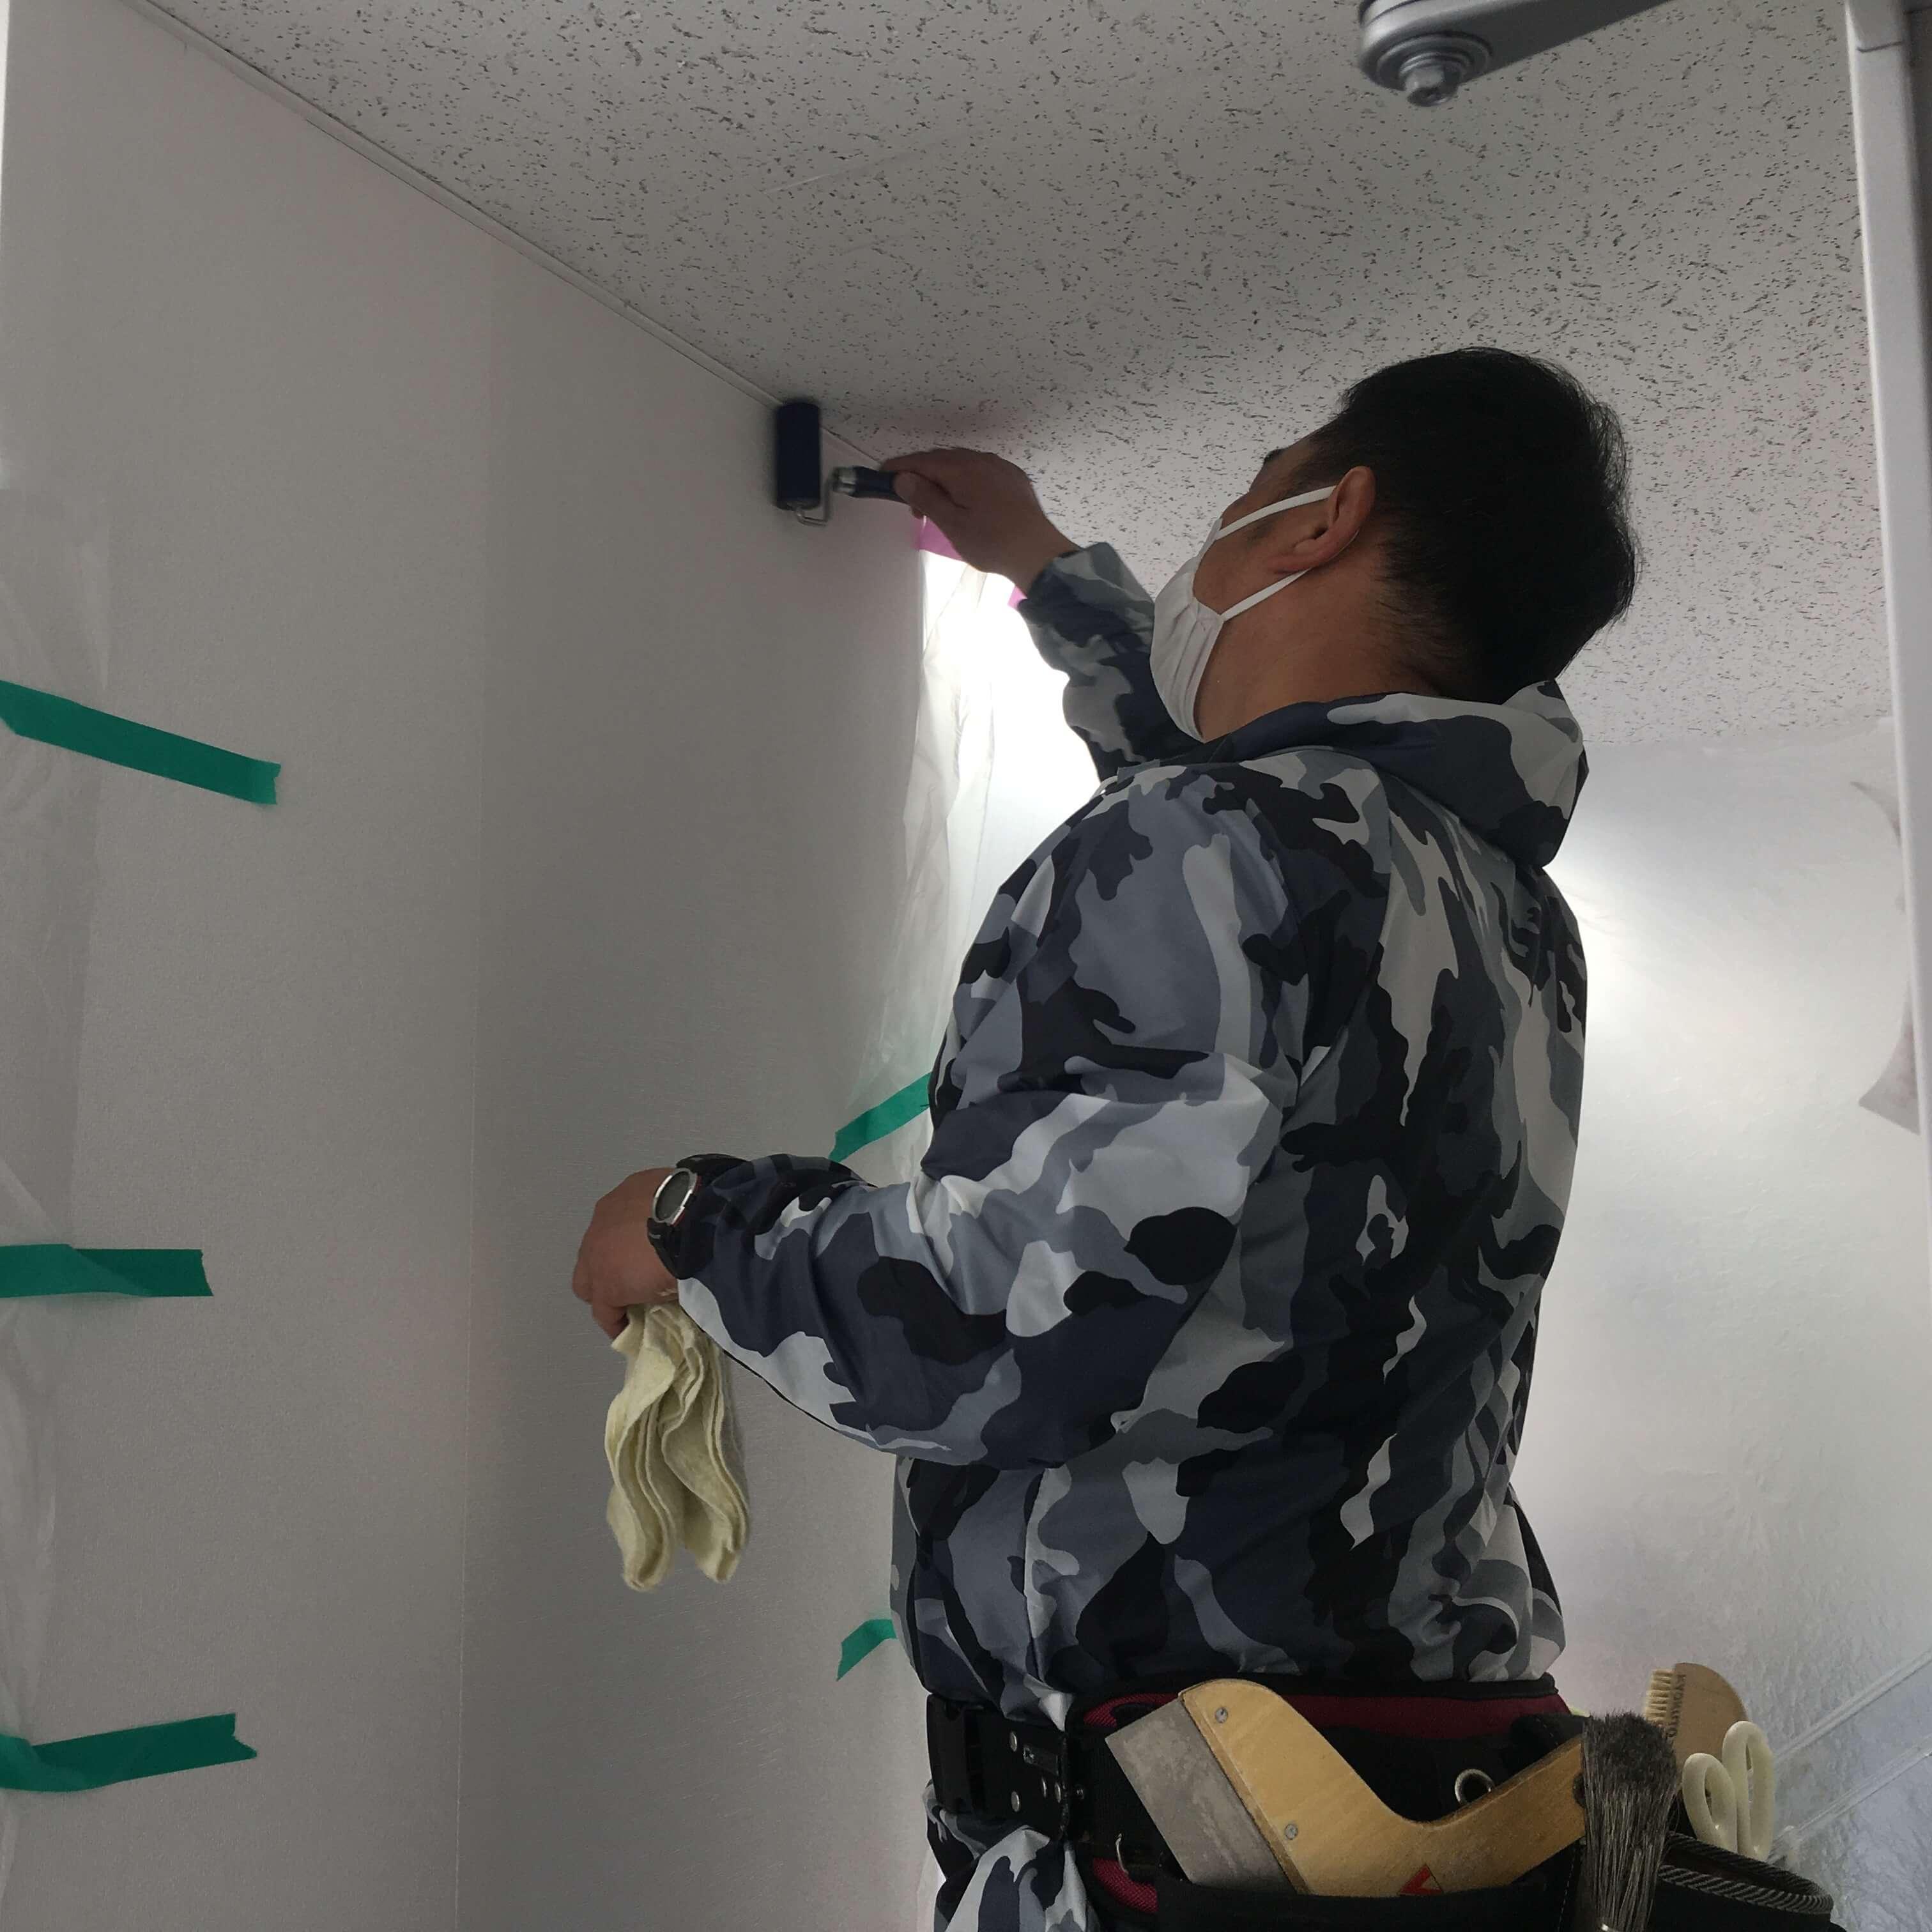 徳島・香川のオフィス内装工事|石膏ボード壁の解体・補修